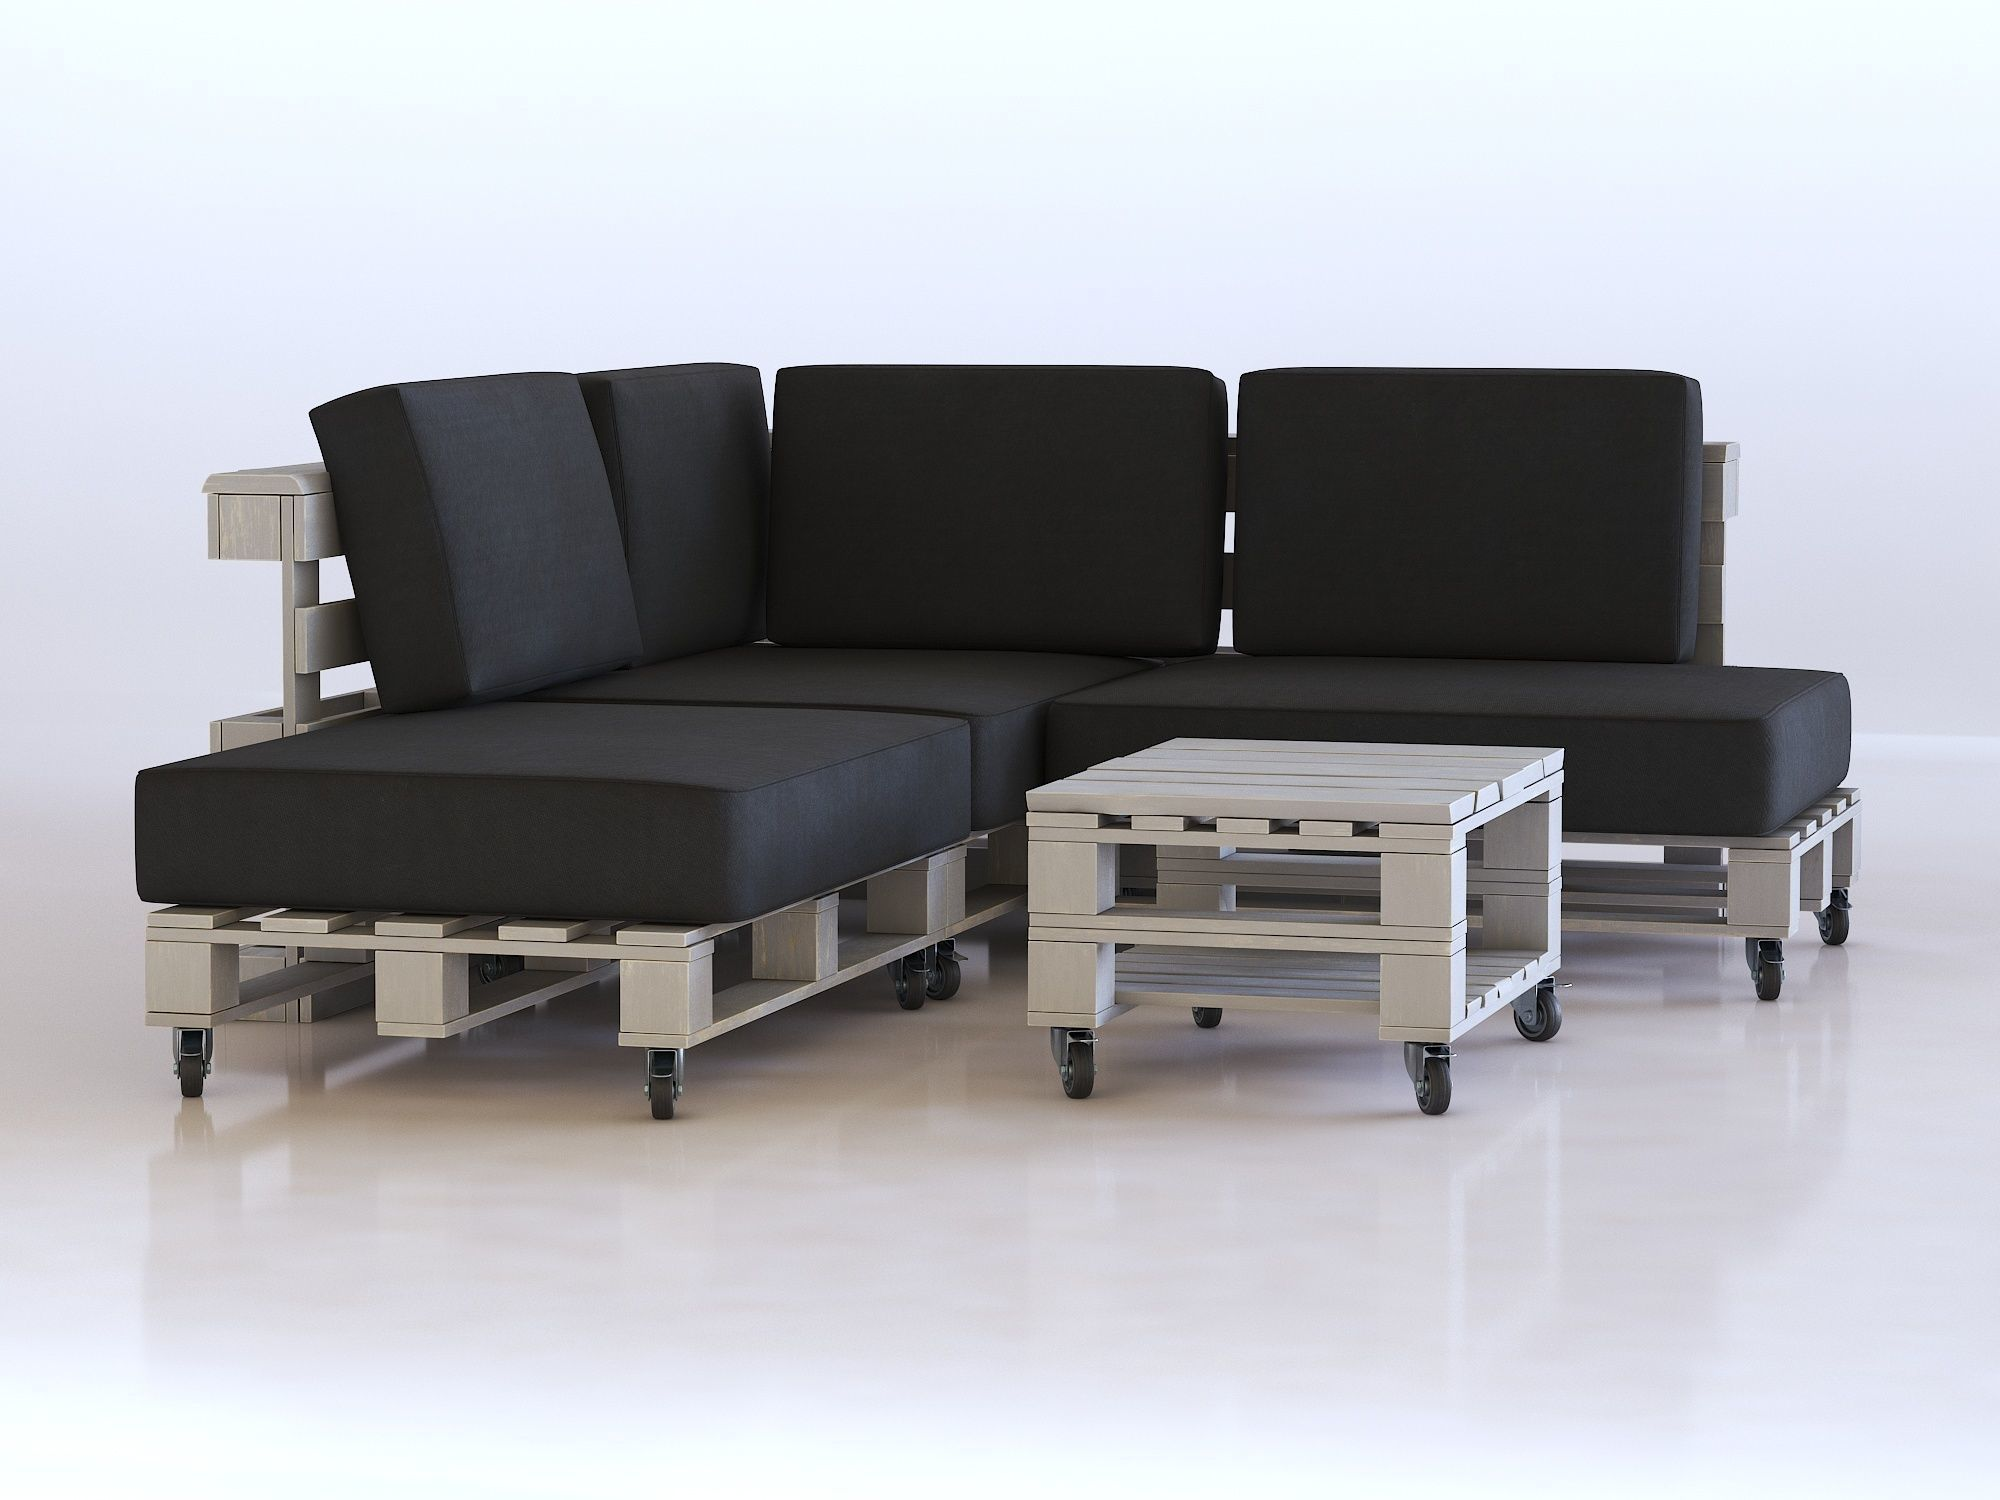 Living Room Pallet Furniture 3d Model Pbr Cgtrader